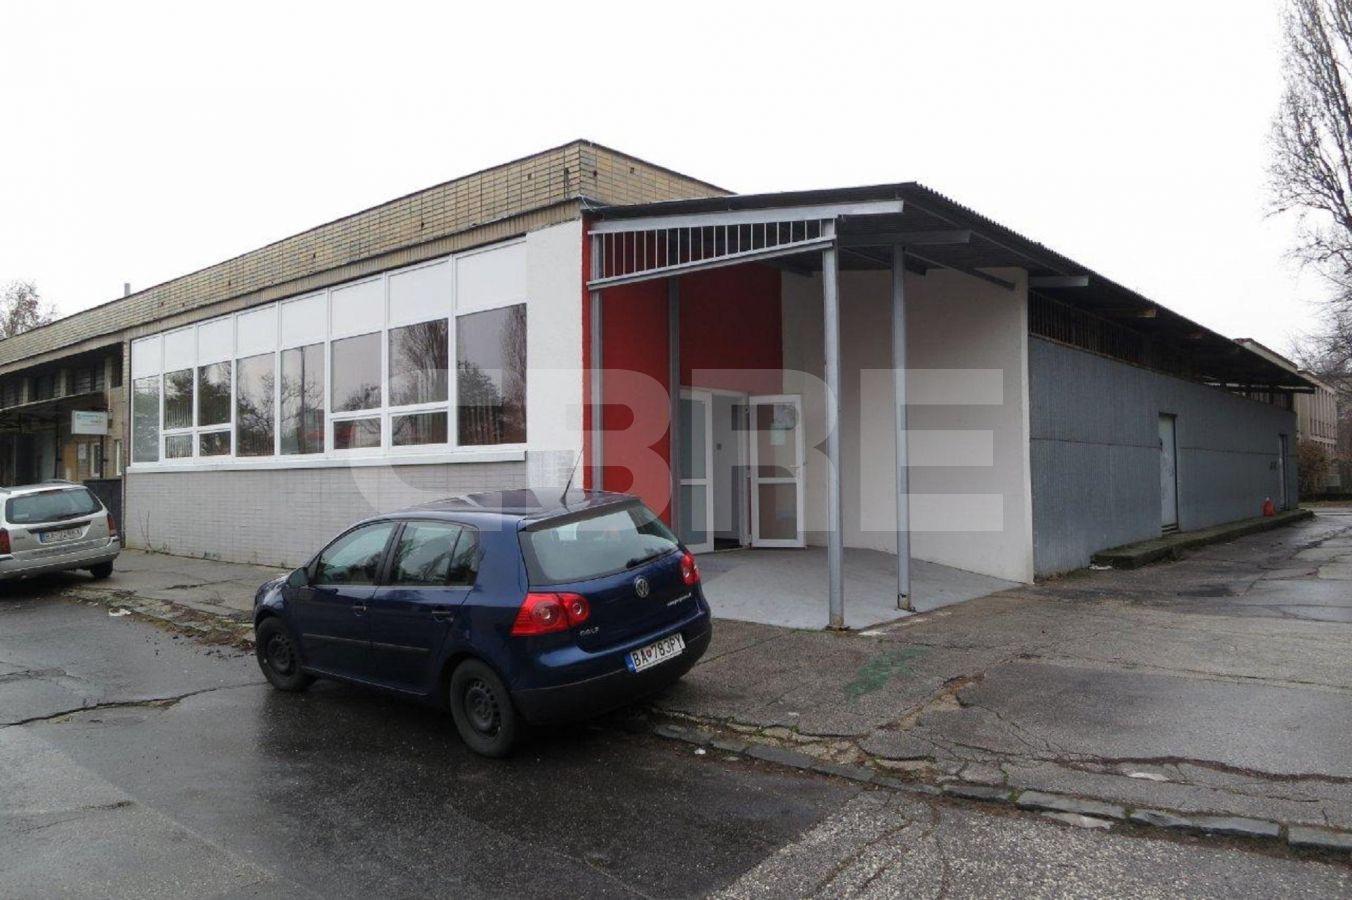 Uránová, Bratislava III. - 328 m2, Bratislavský kraj, Bratislava | Prenájom a predaj skladov a výrobných hál od CBRE | 2